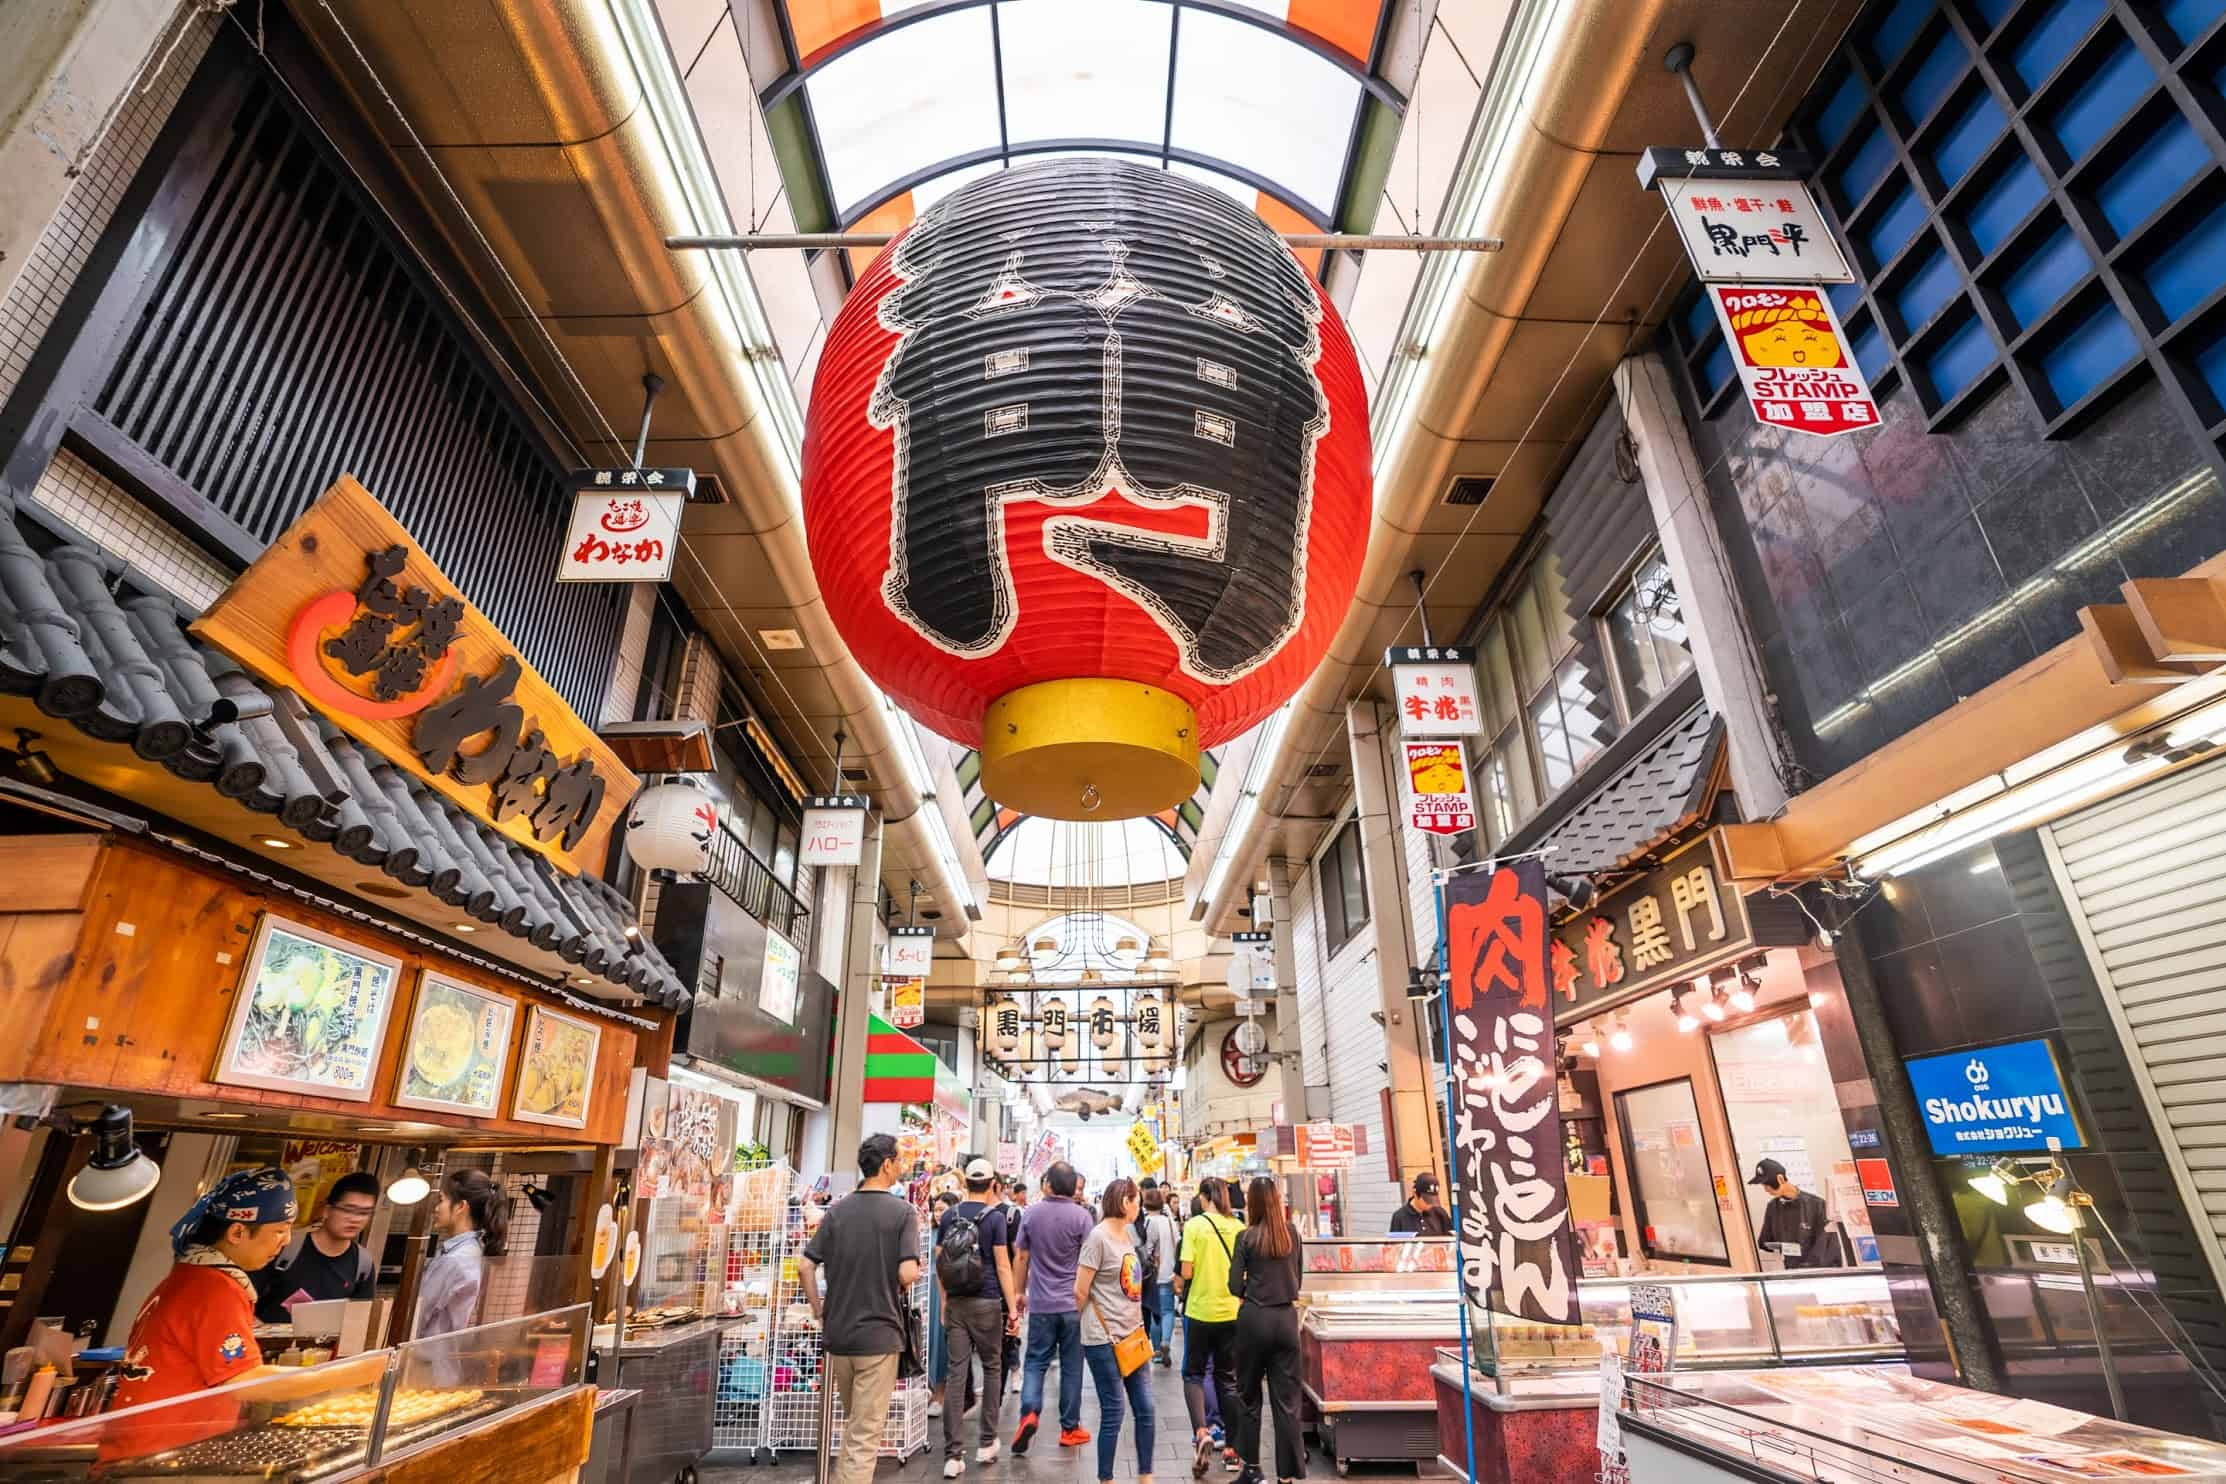 วิธีไปโอซาก้า - บรรยากาศด้านในตลาดปลาคุโรมง (Kuromon Ichiba Market)